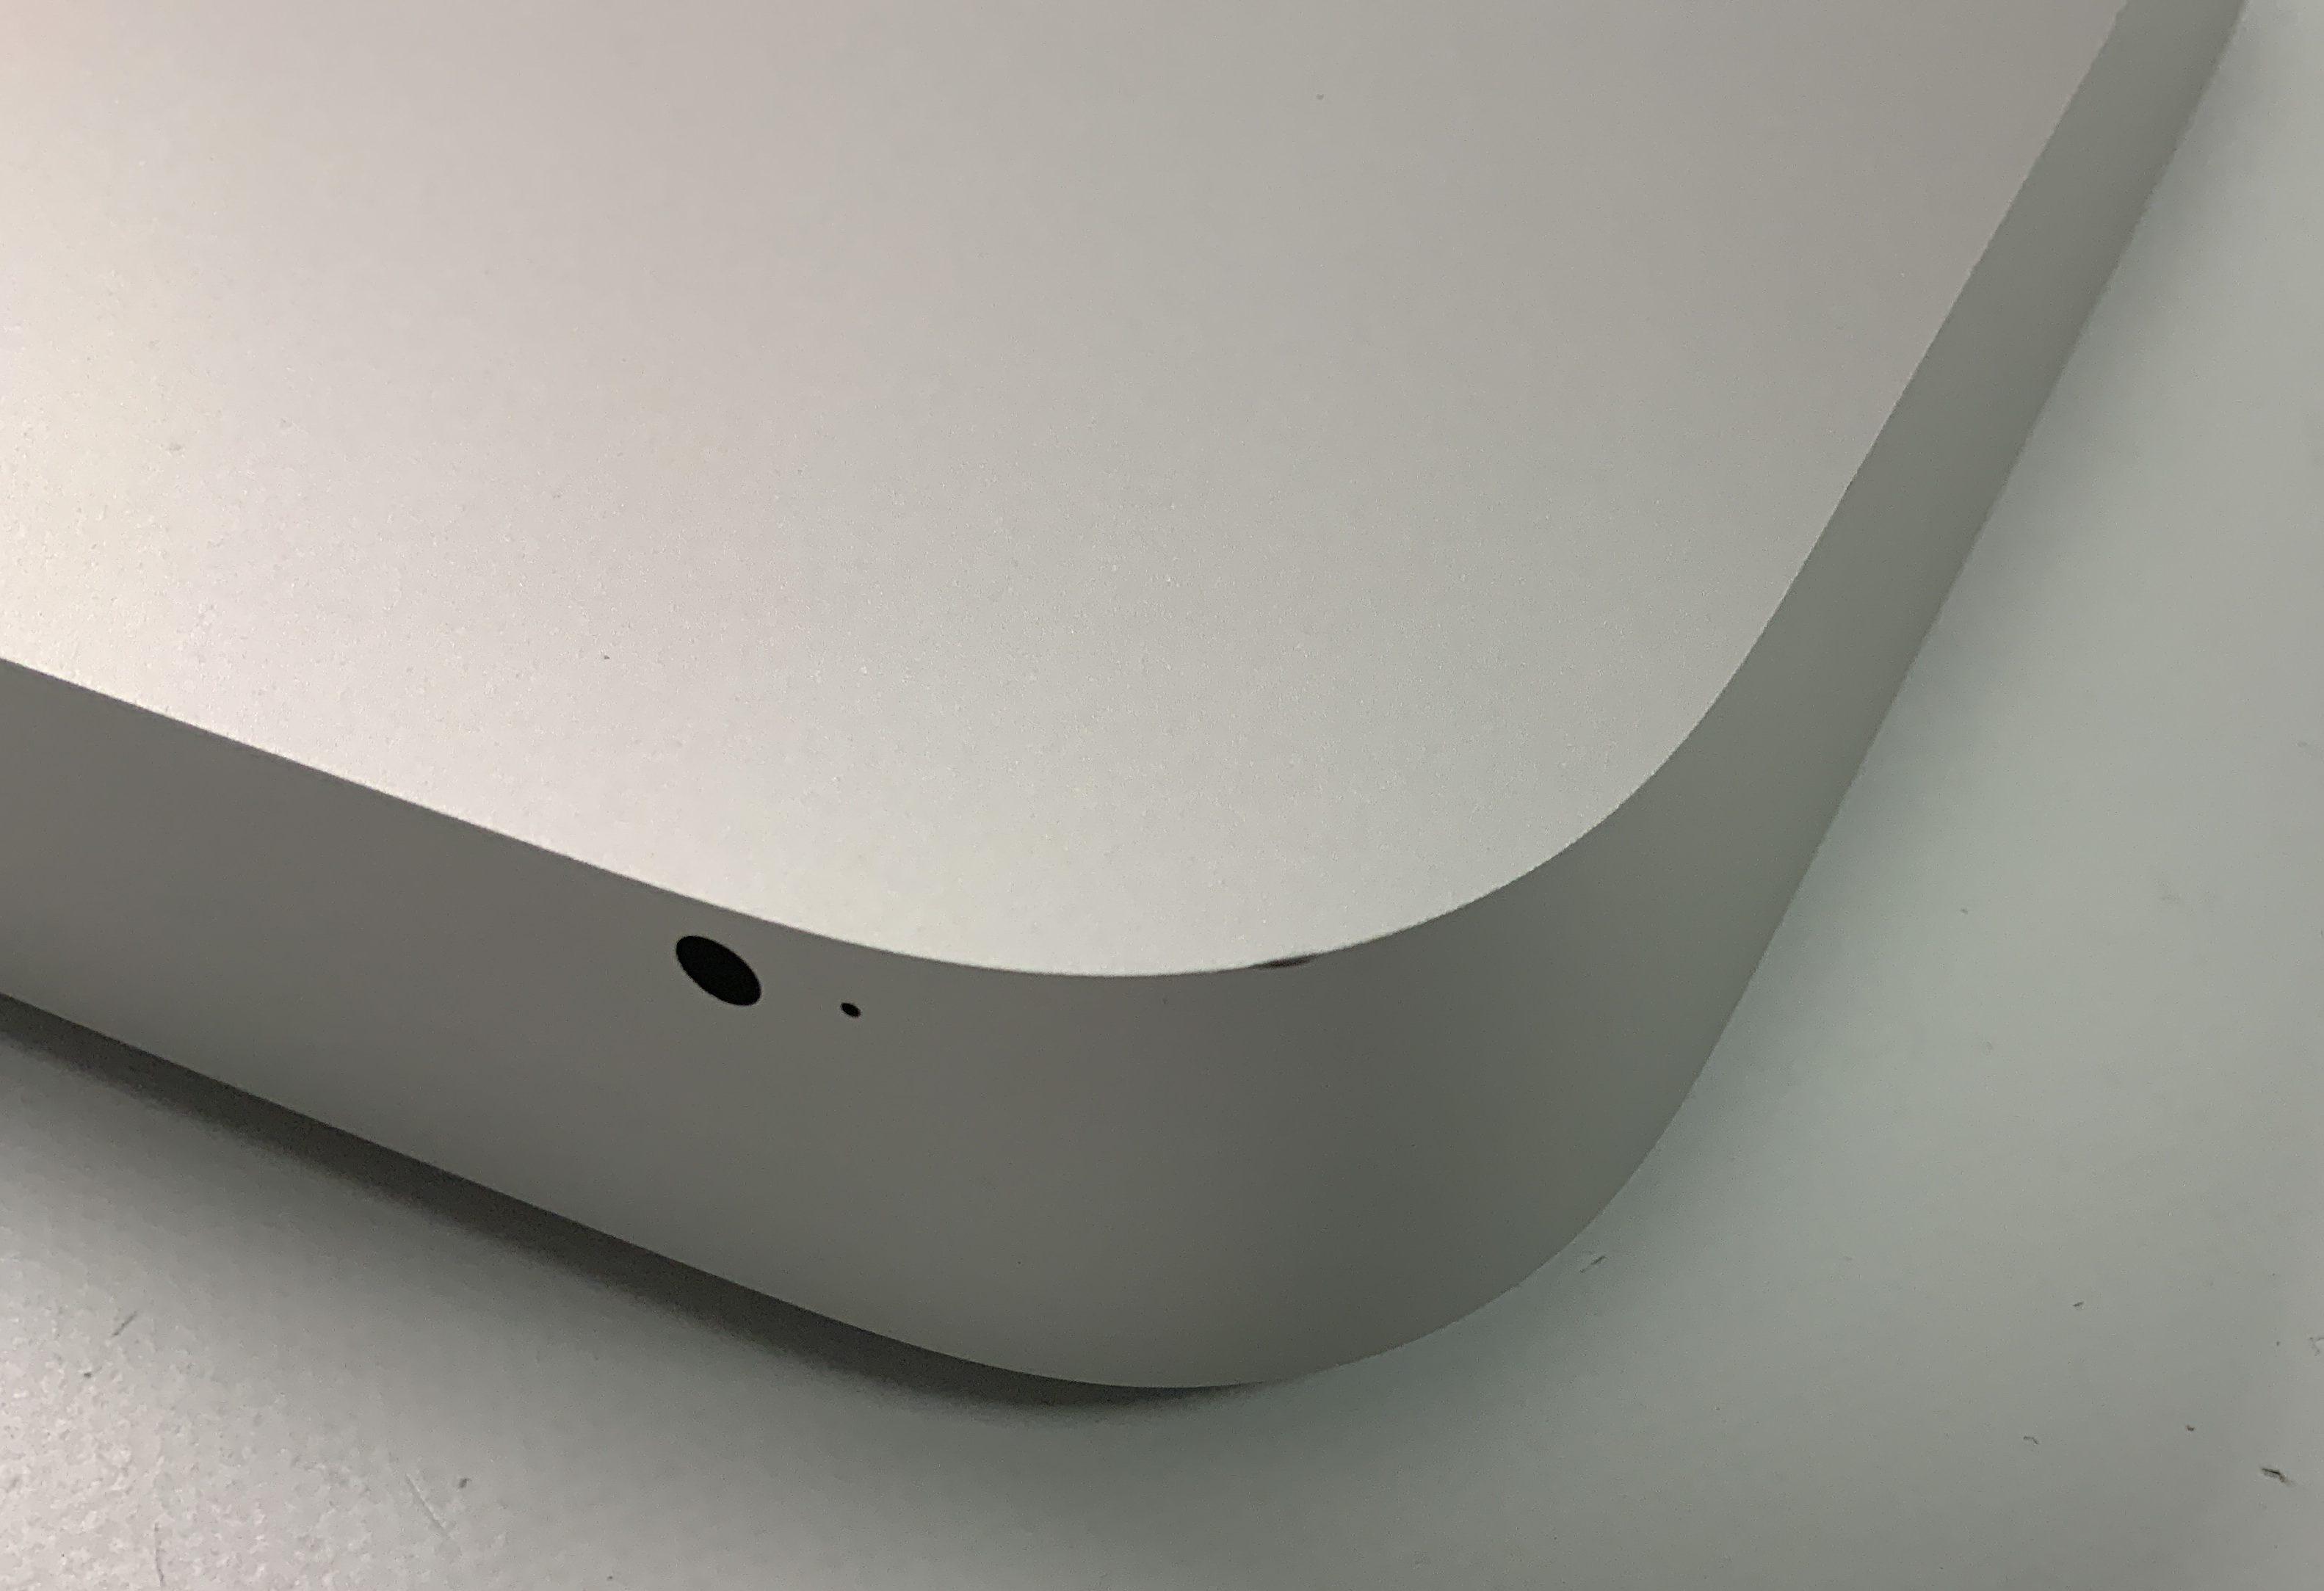 Mac Mini Late 2014 (Intel Core i7 3.0 GHz 16 GB RAM 256 GB SSD), Intel Core i7 3.0 GHz, 16 GB RAM, 256 GB SSD, Afbeelding 4